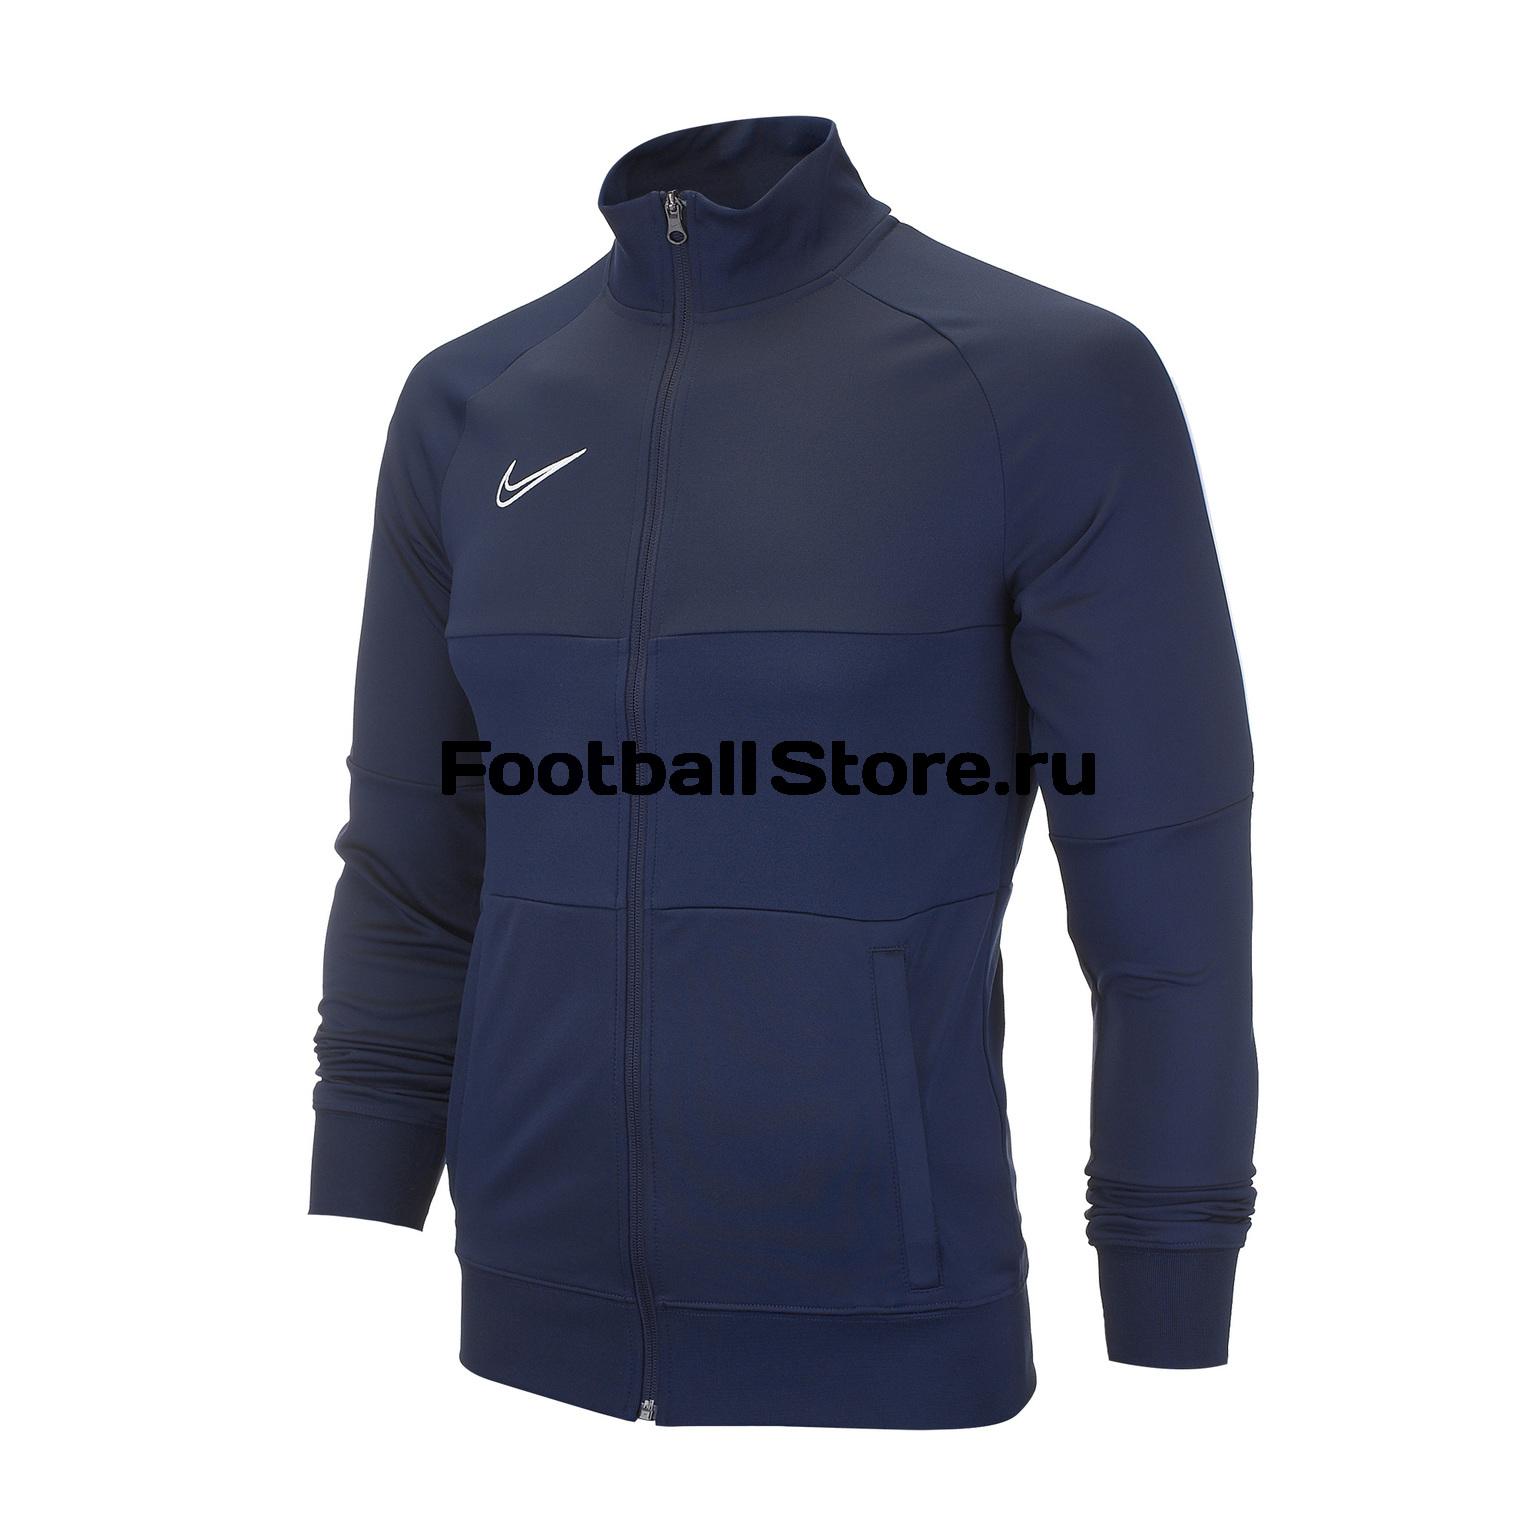 Олимпийка Nike Dry Academy19 TRK JKT AJ9180-451 цена